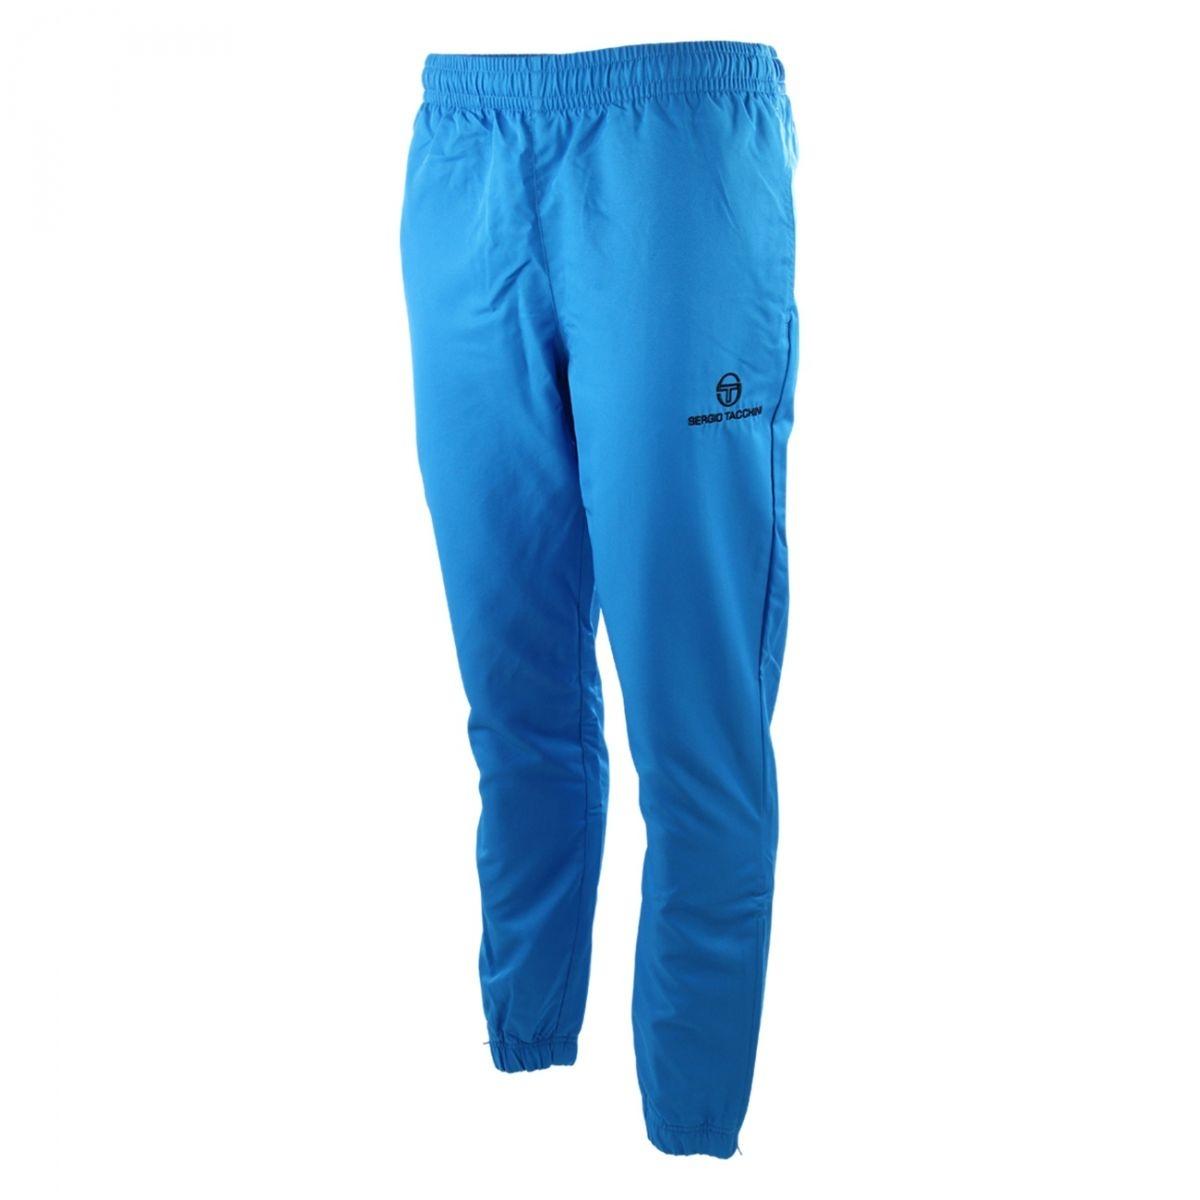 Pantalon Jogging Carson Fit Blue/Black Jr